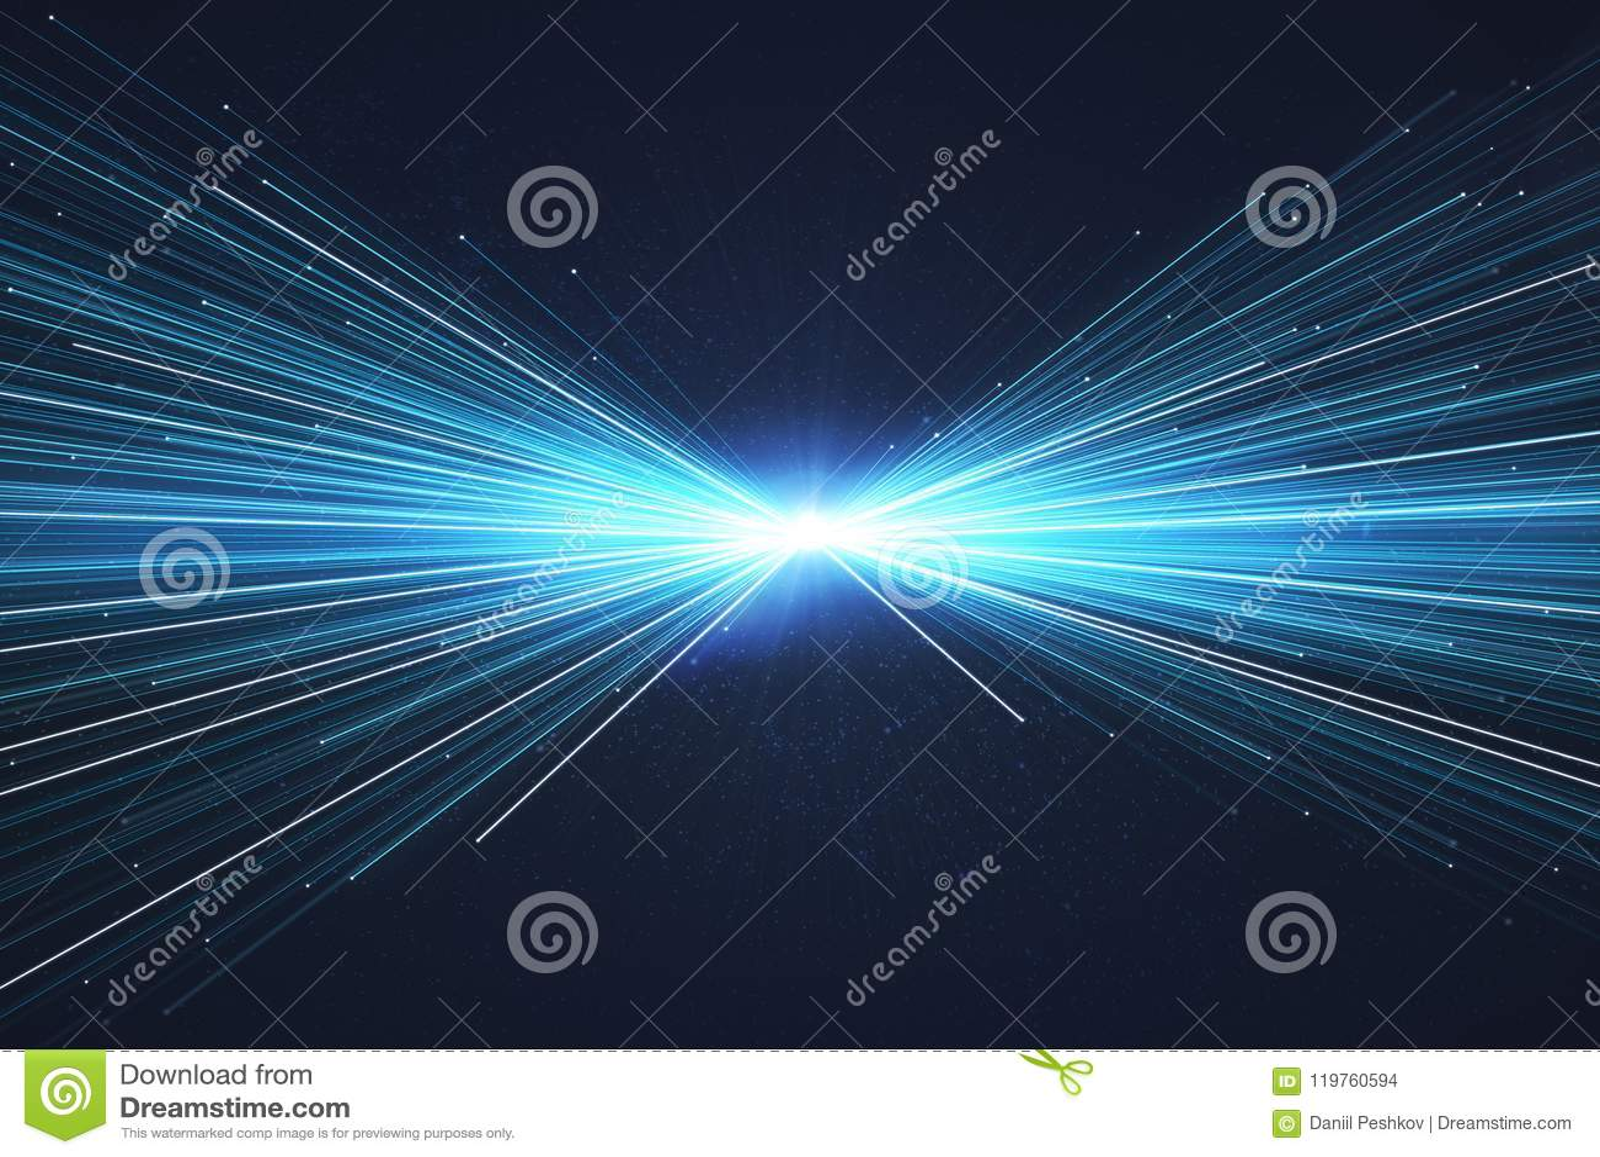 Δημιουργική μπλε ταπετσαρία ακτίνων